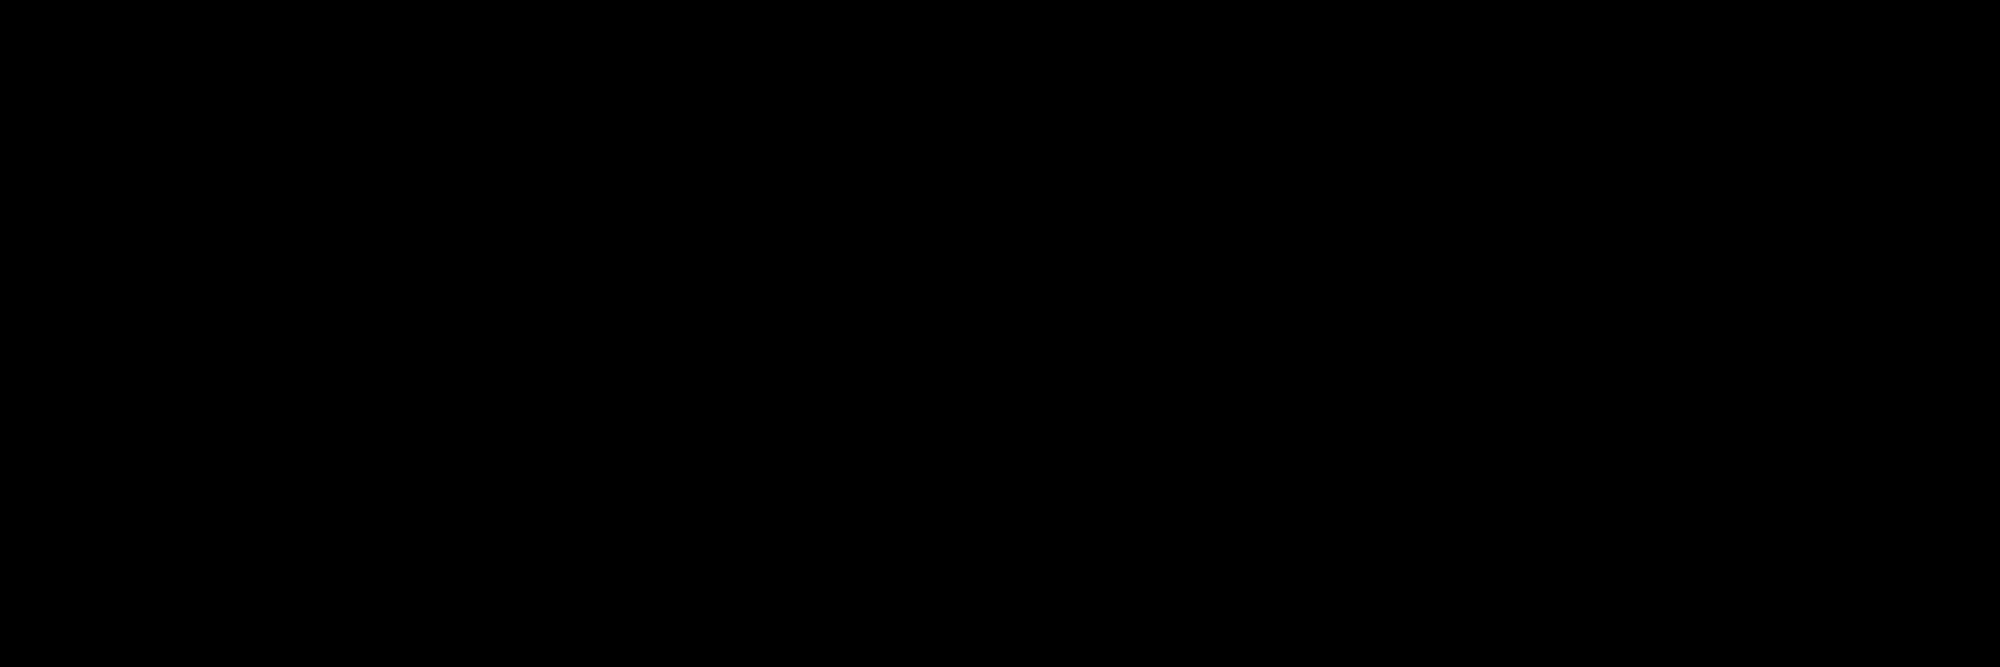 2000x667 North Arrow Clipart